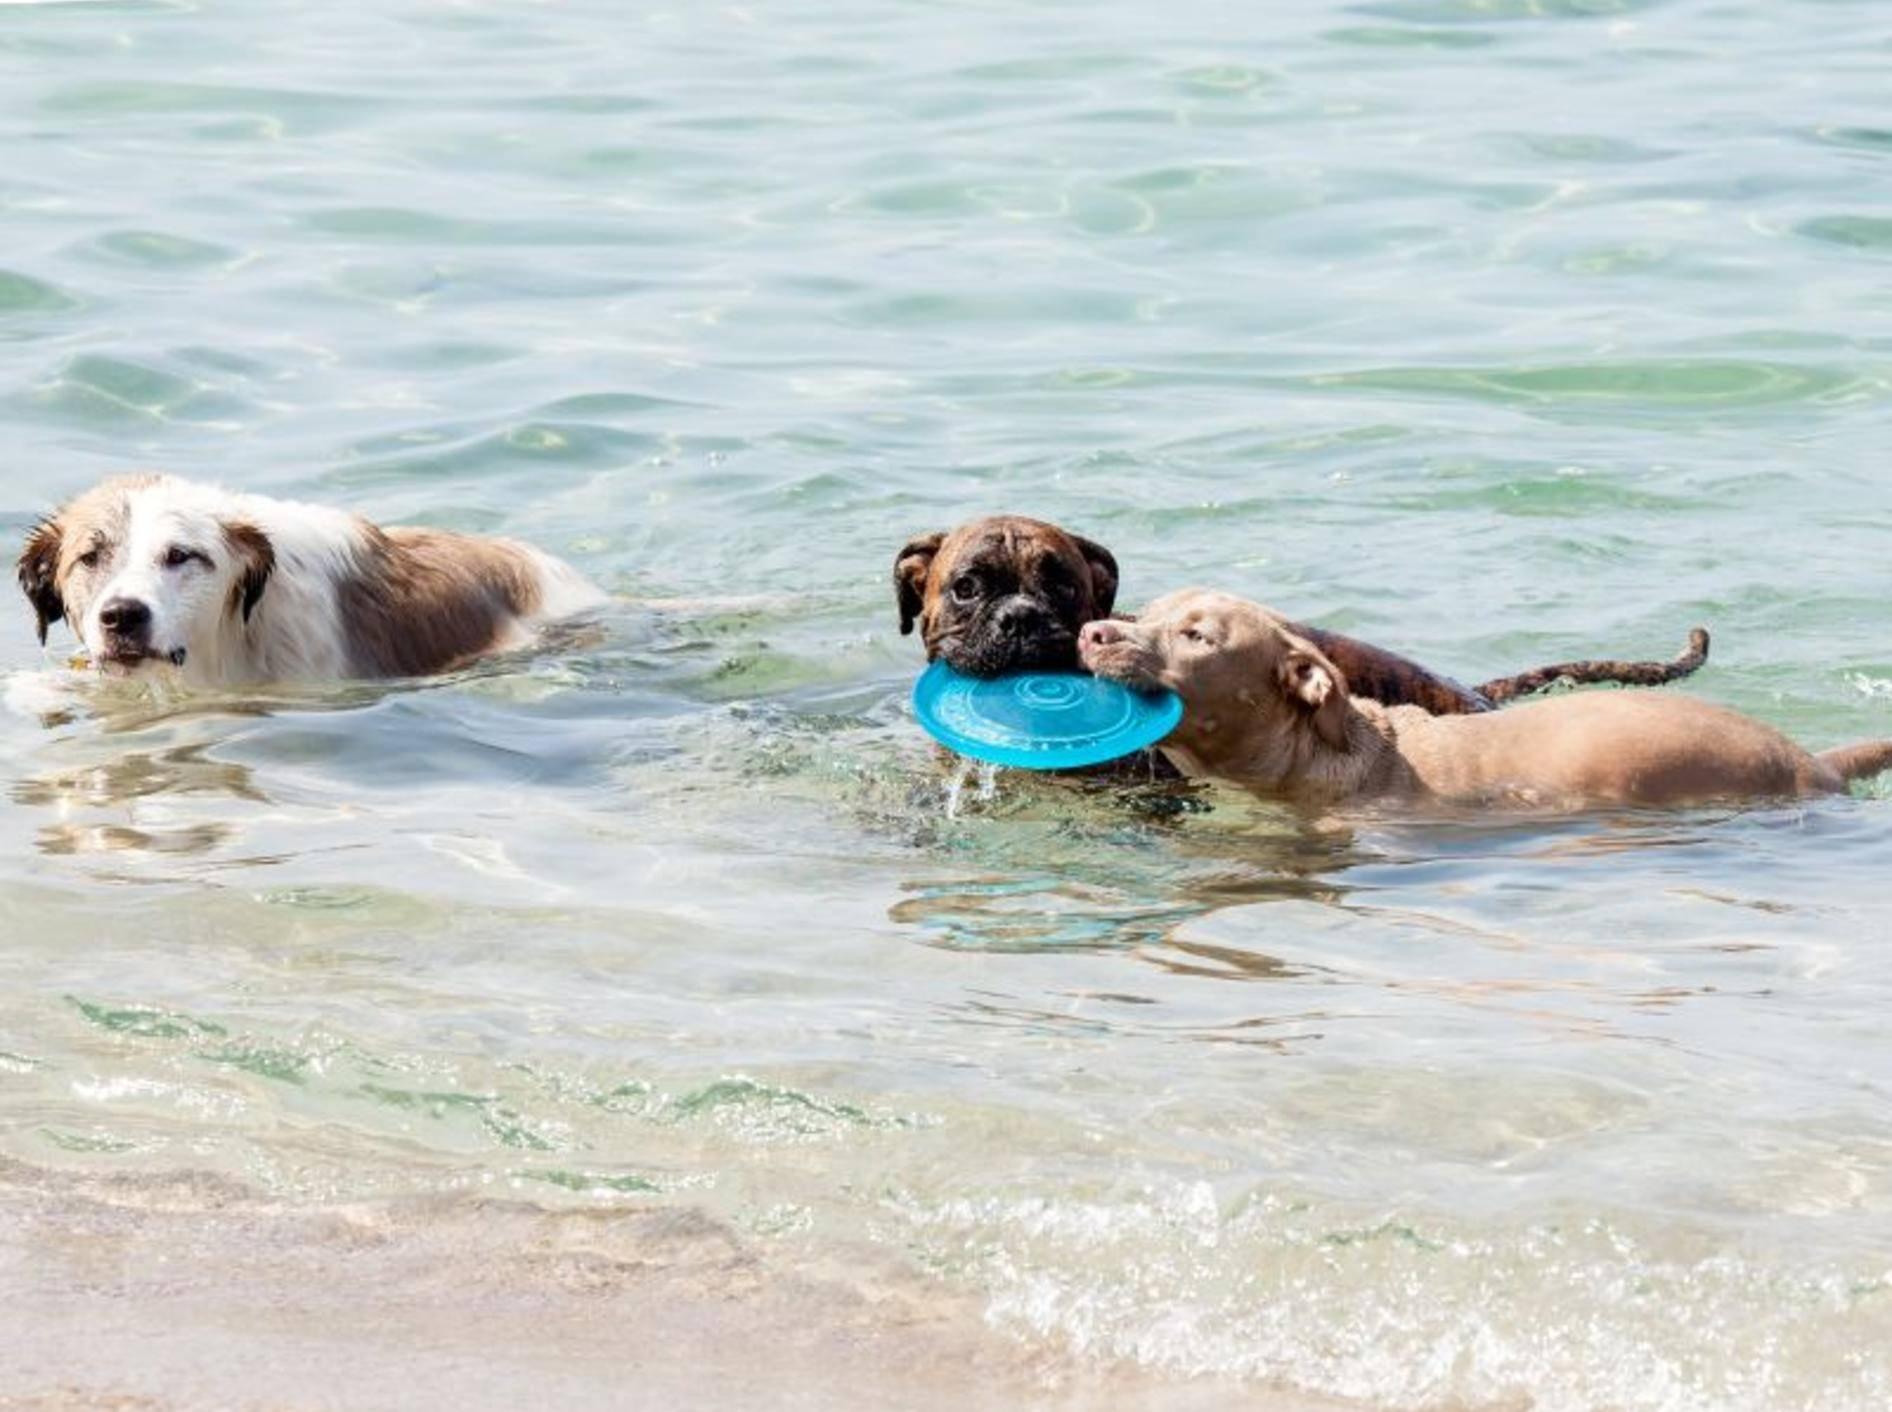 Hundespielzeug, das schwimmen kann – Bild: Shutterstock / maratr